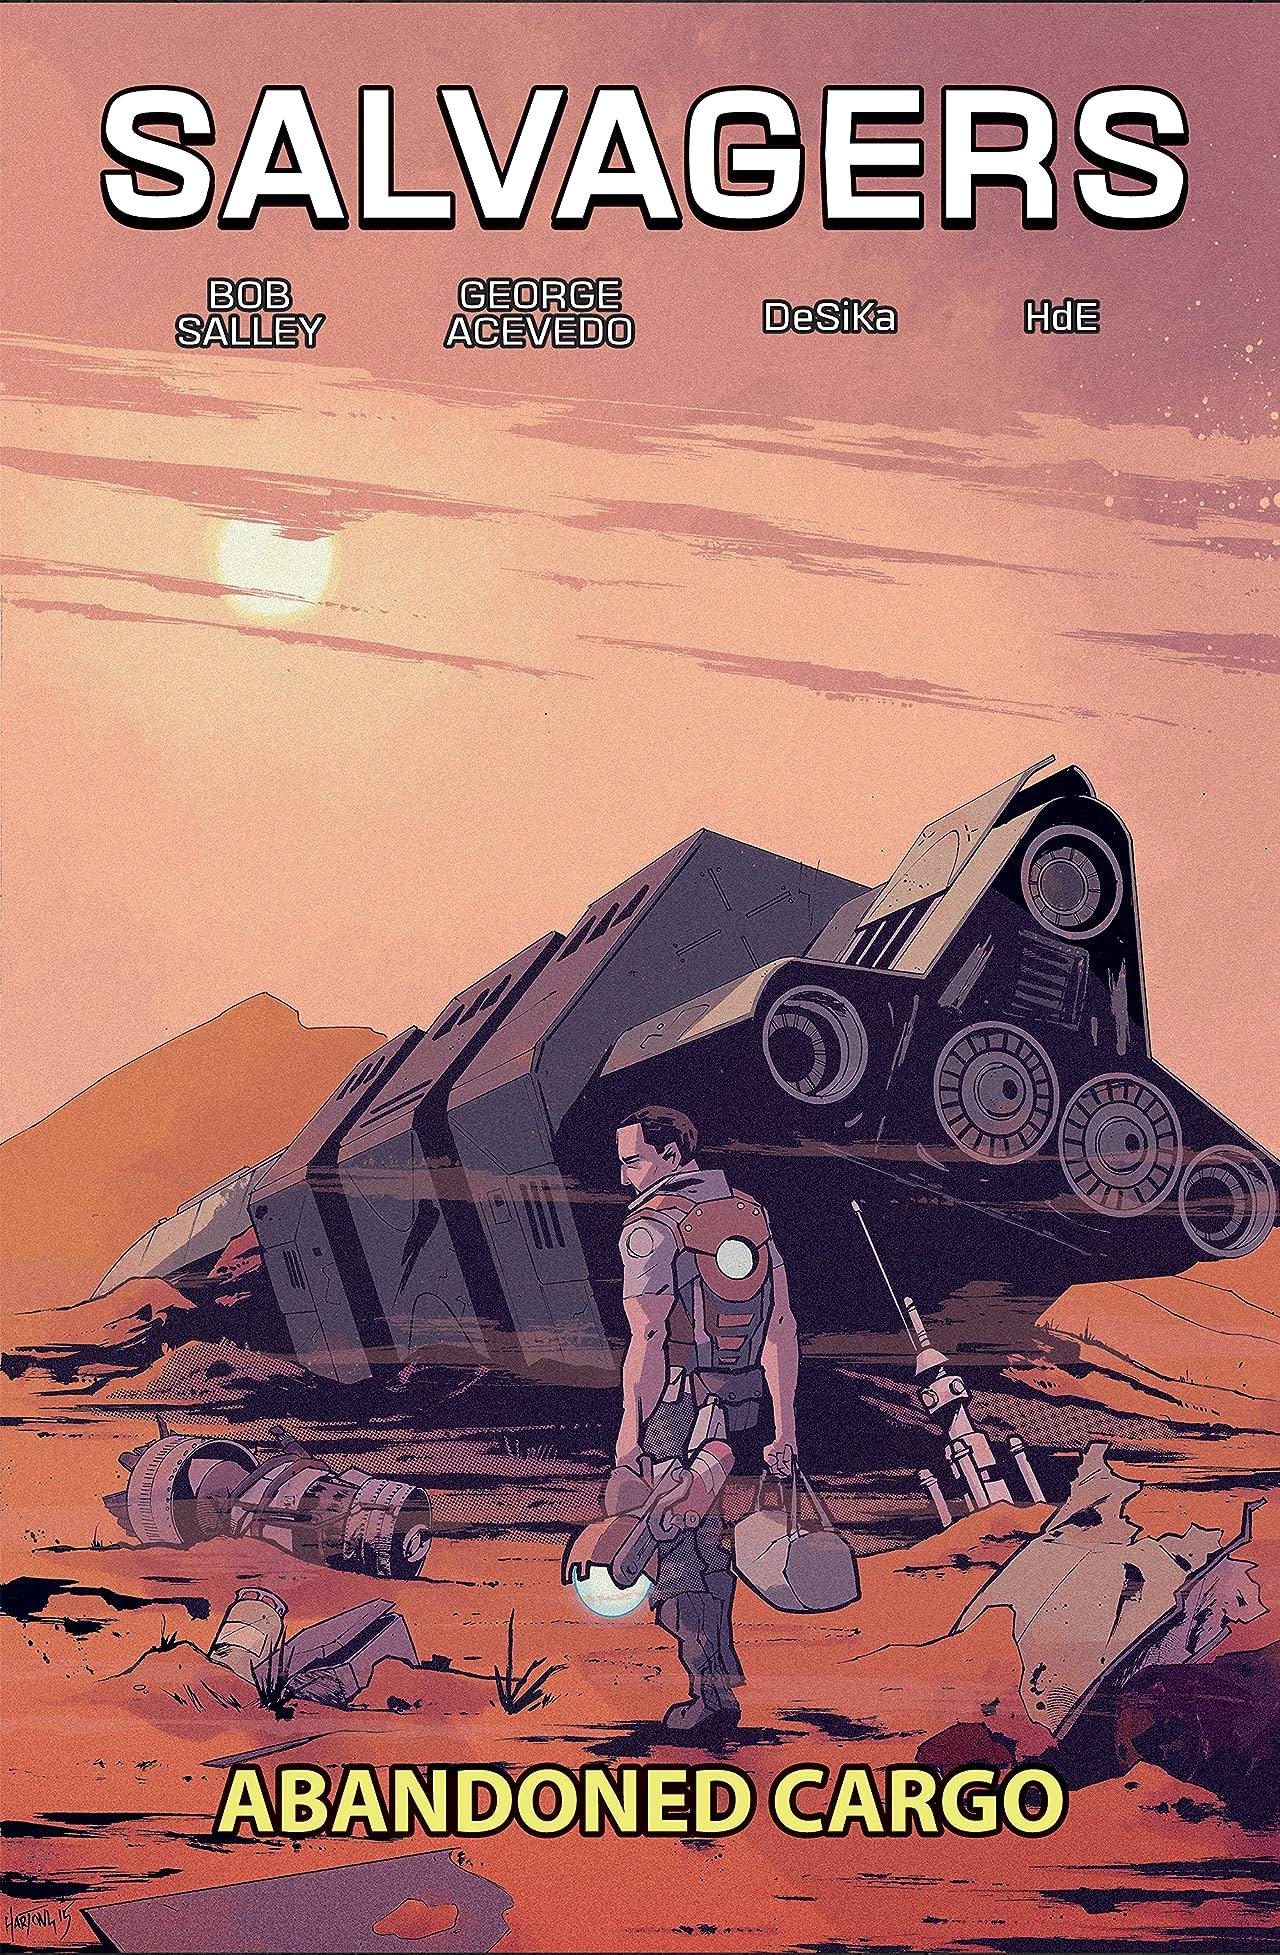 1: Abandoned Cargo